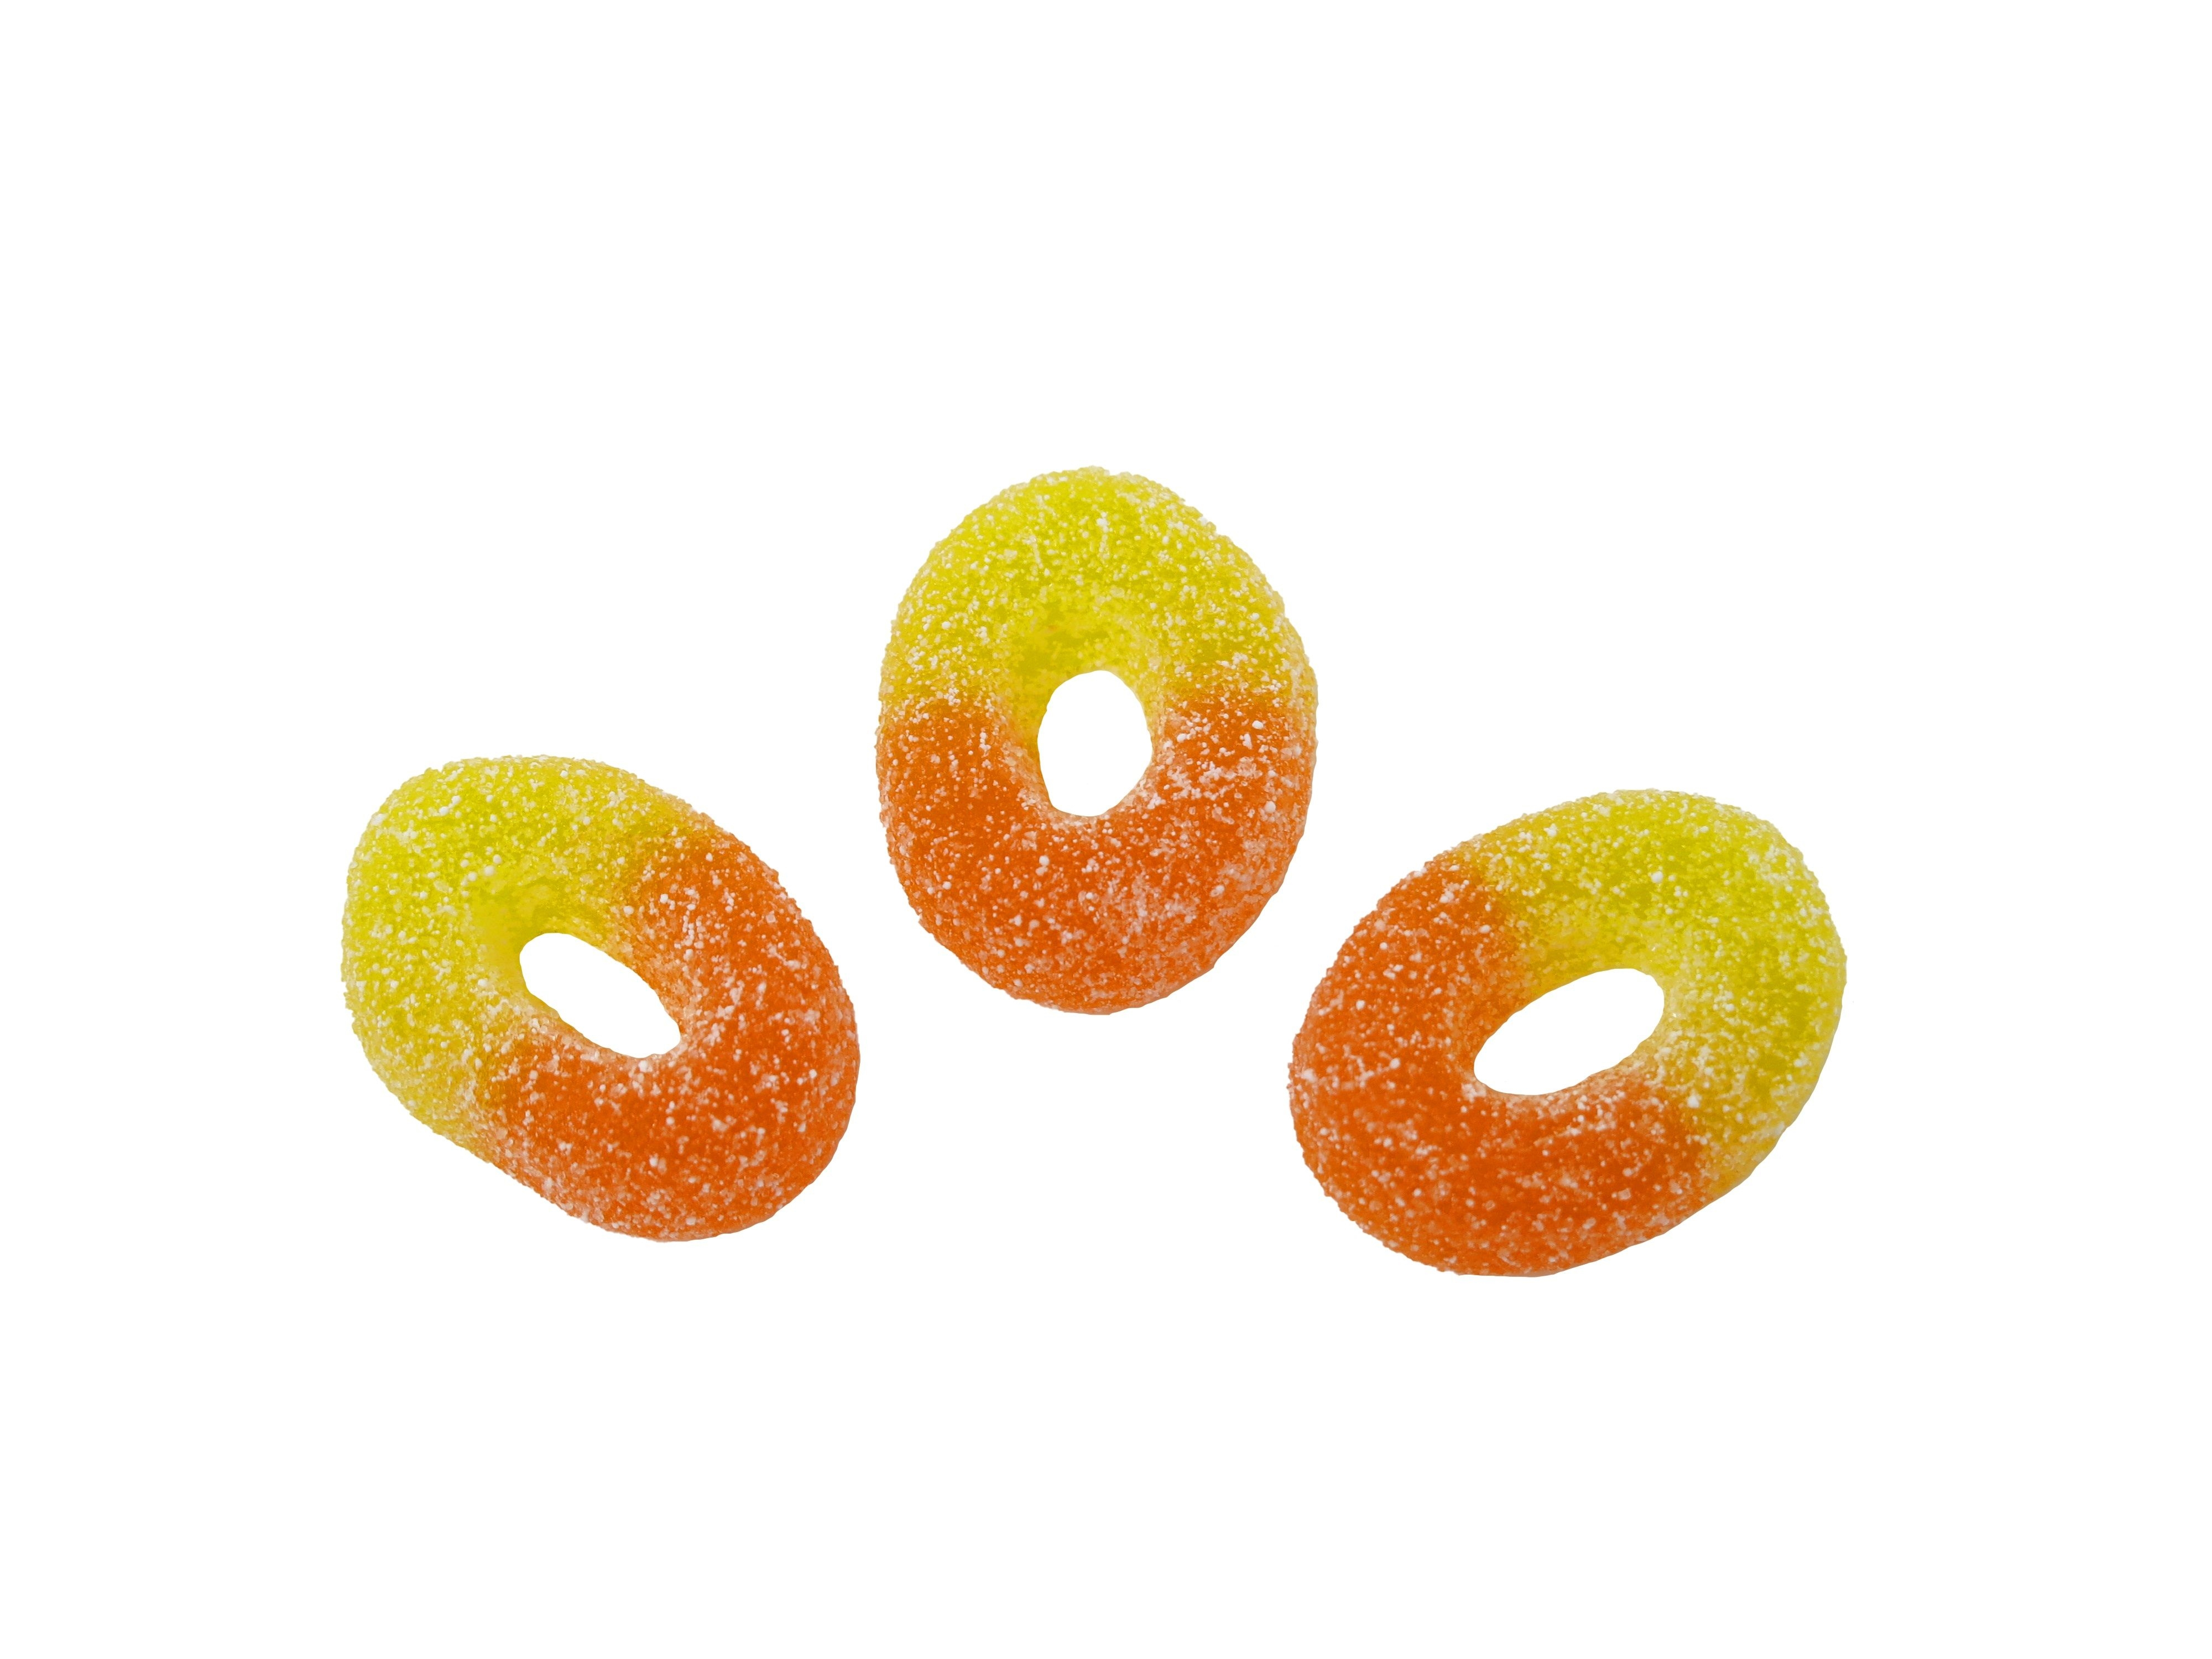 250g Peach Rings